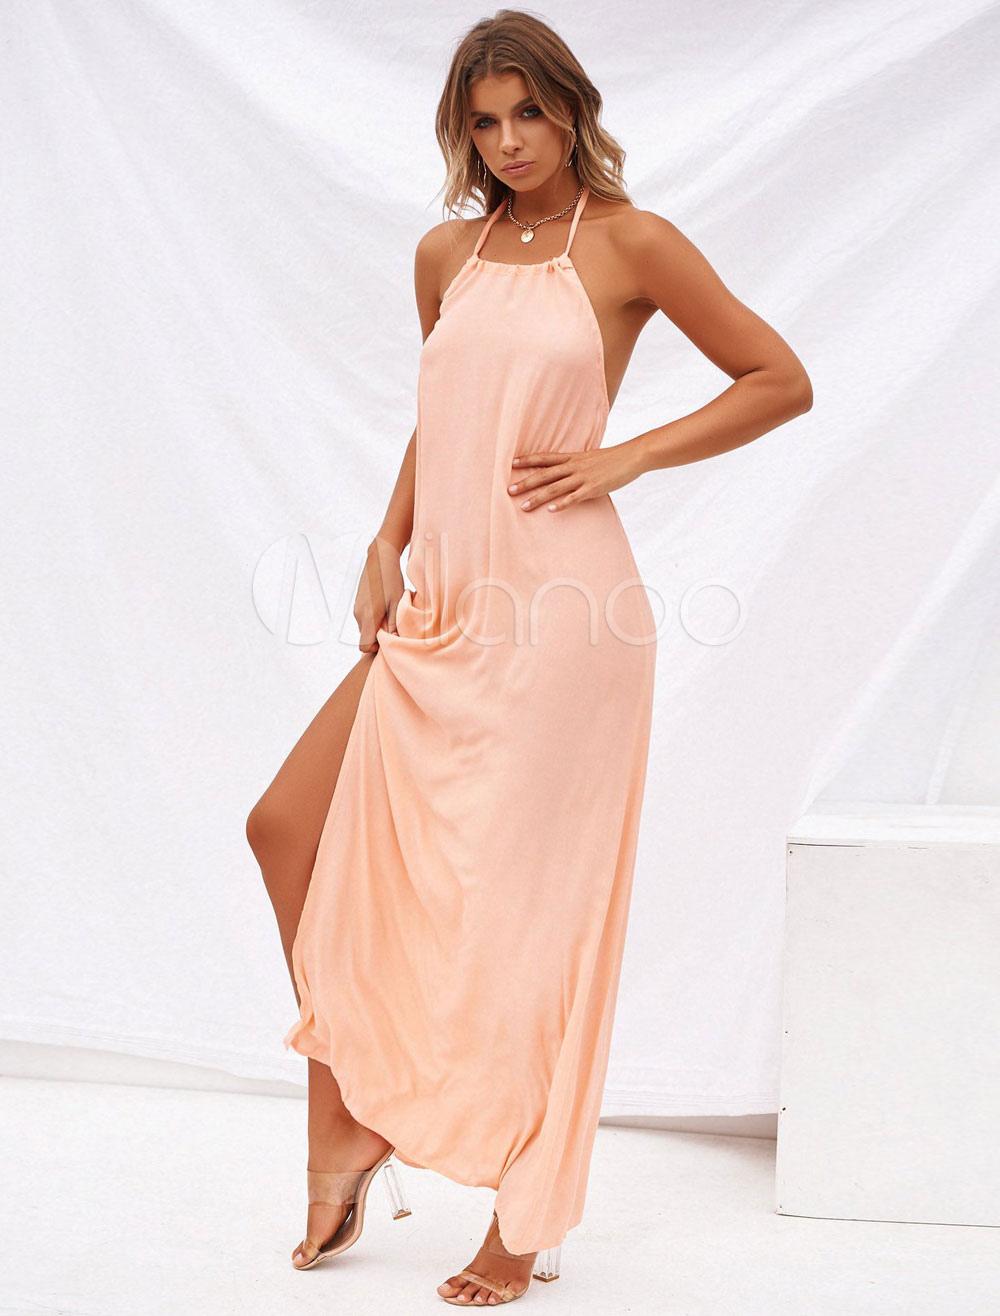 afe19d365576b الوردي فستان ماكسي النساء الرسن عارية الذراعين سبليت شاطئ اللباس ...